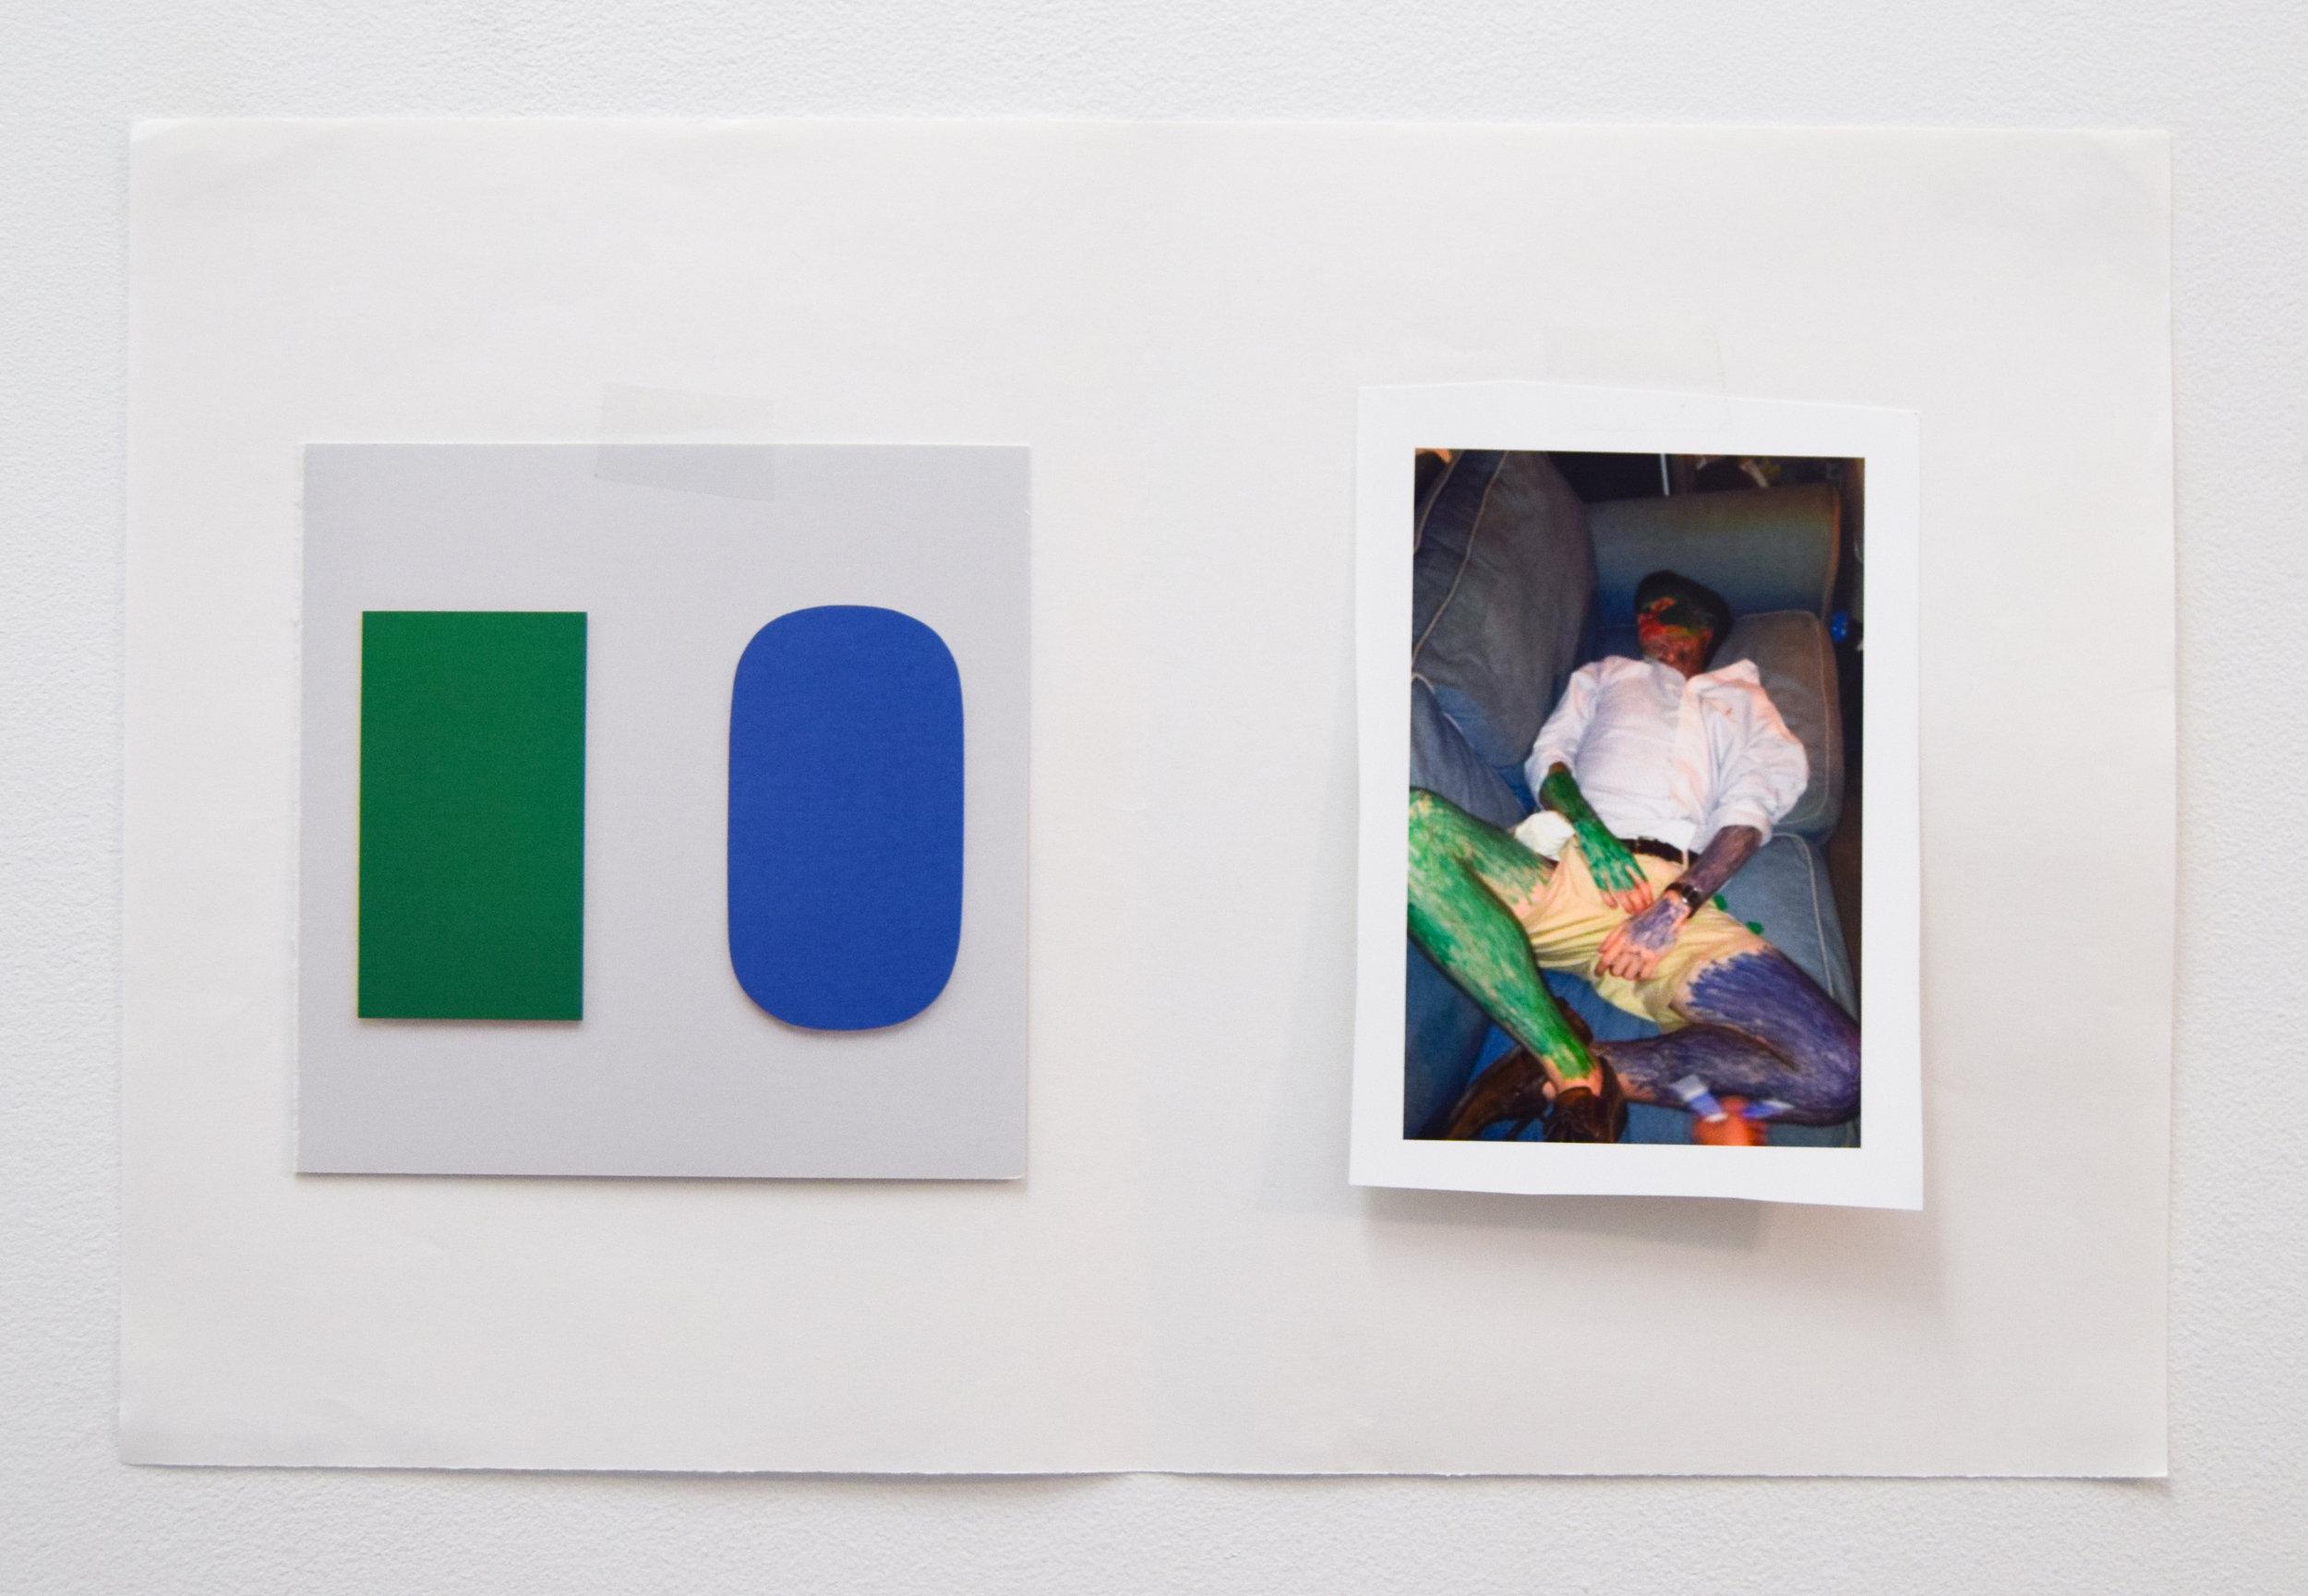 Comparison 99,  Al Freeman, 12.5 x 19 inches, 31.8 x 48.3 centimeters